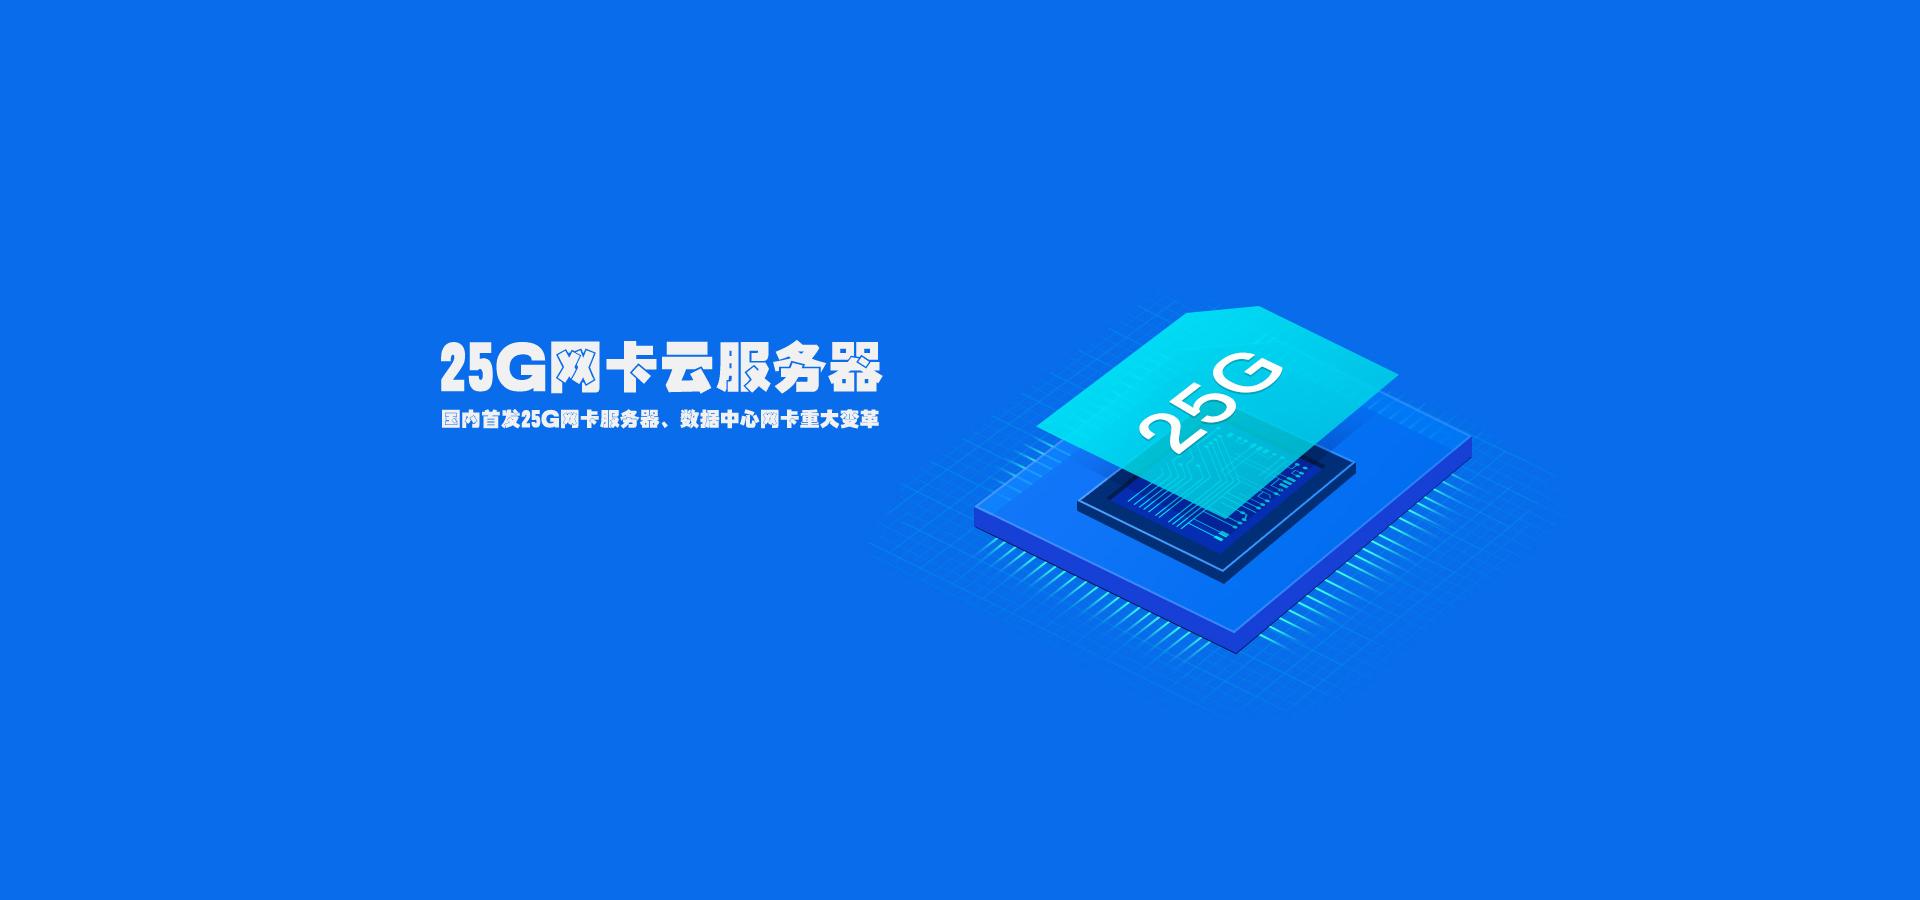 25G网卡云服务器